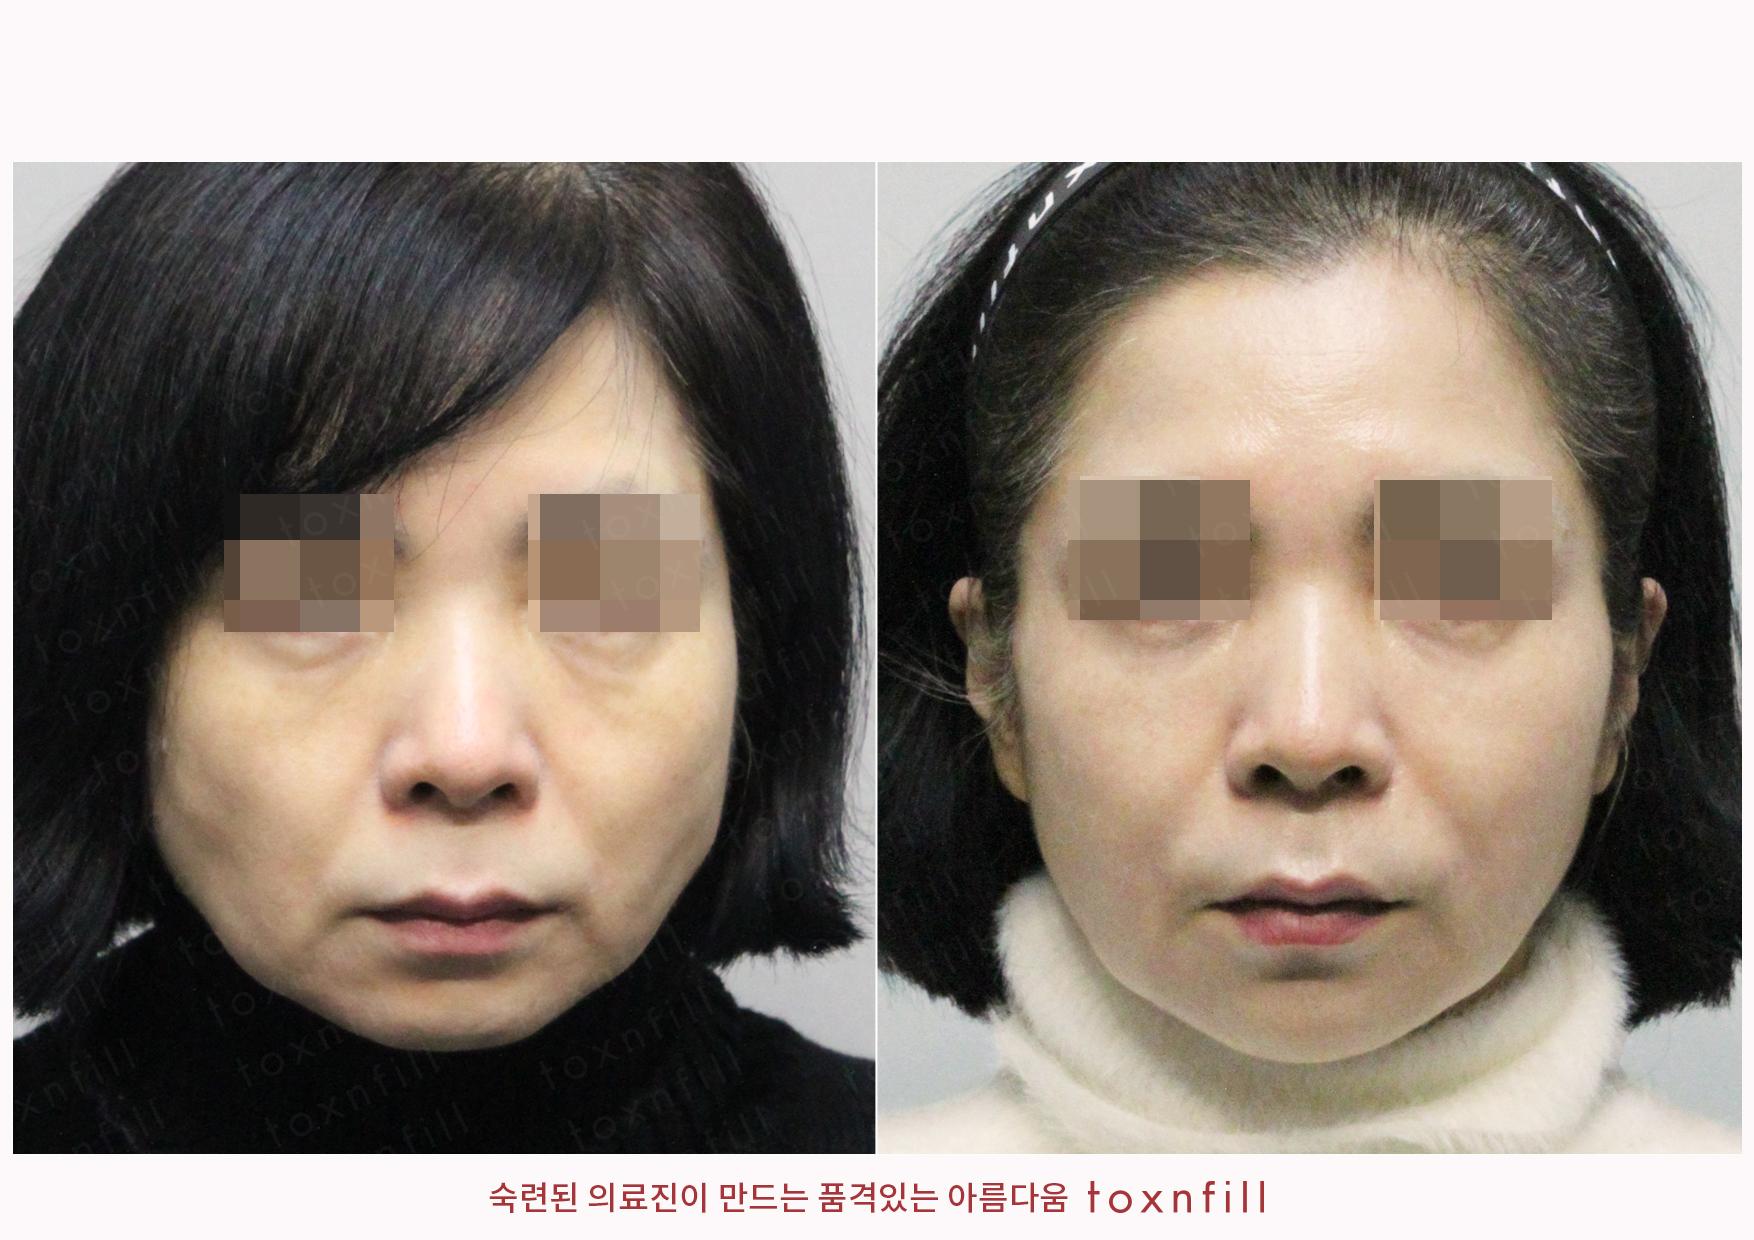 인모드+슈링크+풀페이스더모톡신+조각주사+마리오네트,입술,턱끝필러 시술전후